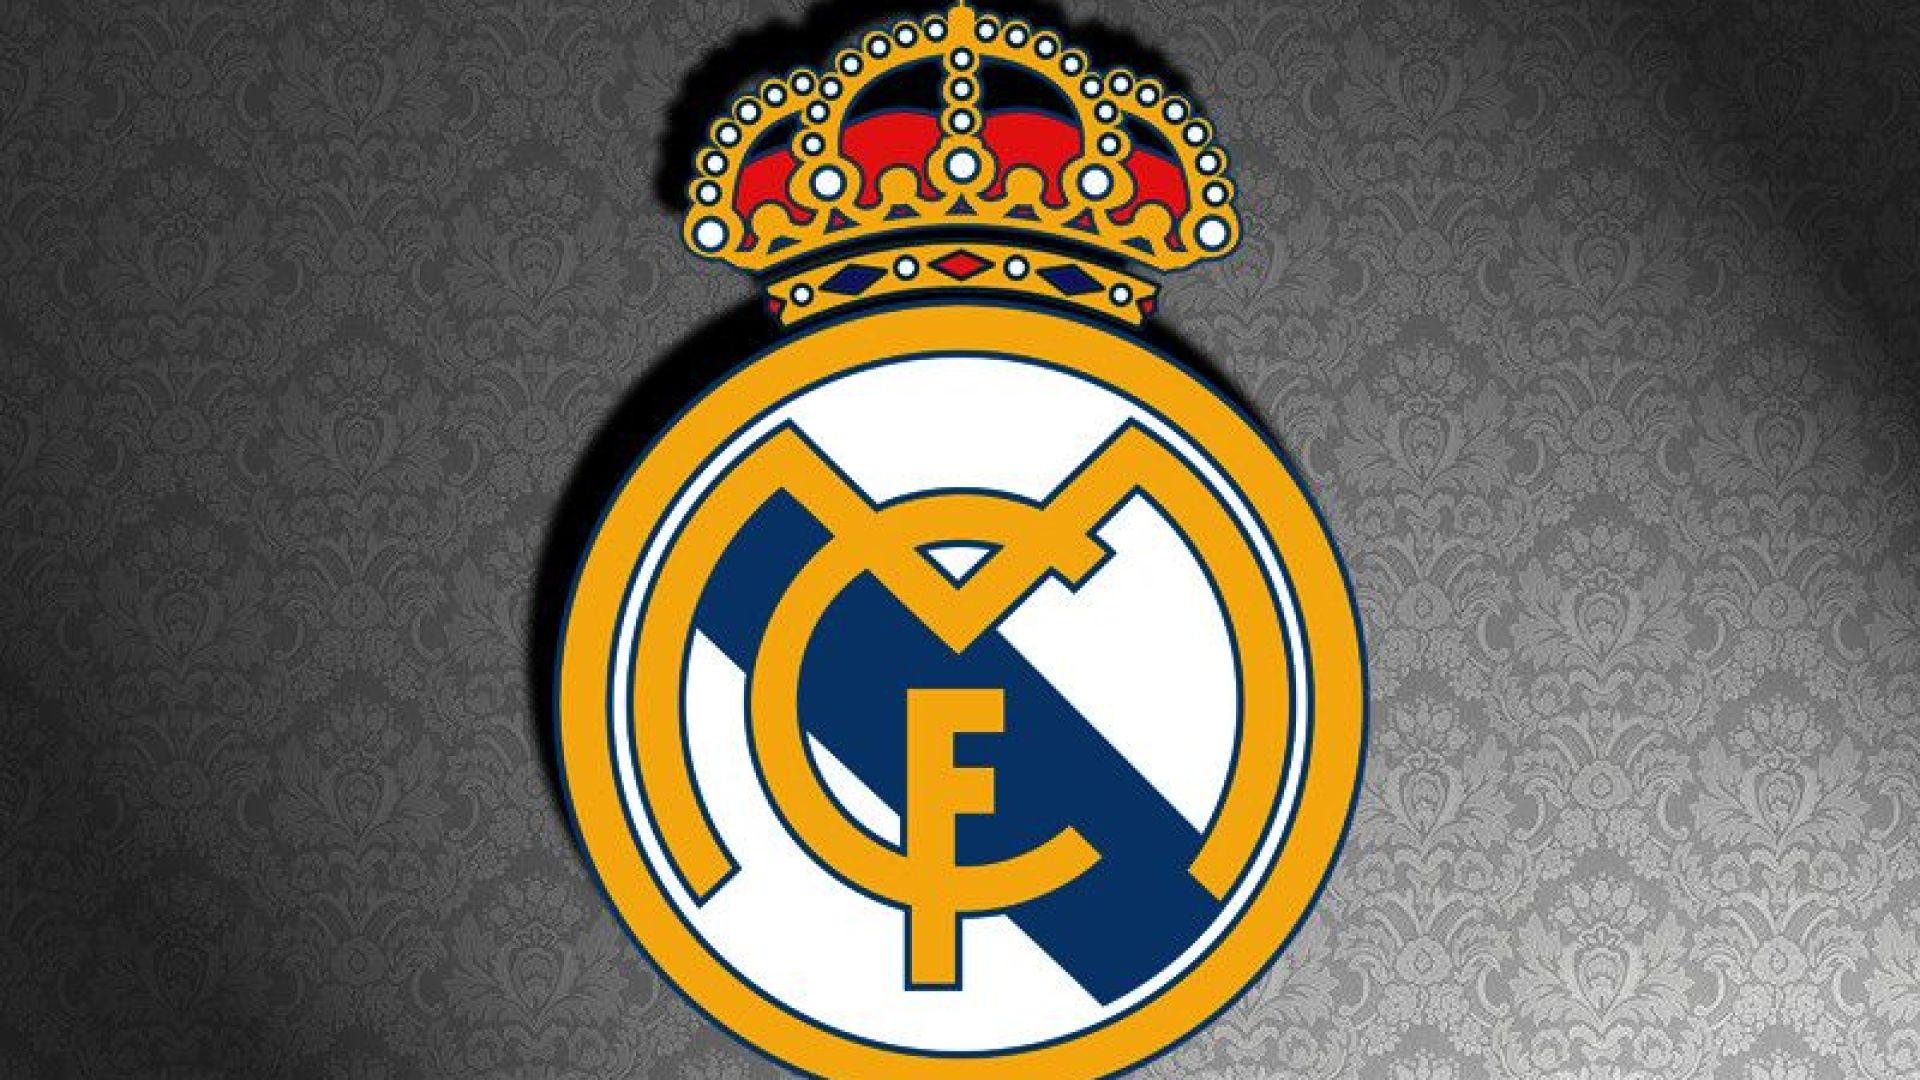 Solari firma contrato con el Real Madrid hasta el verano de 2021